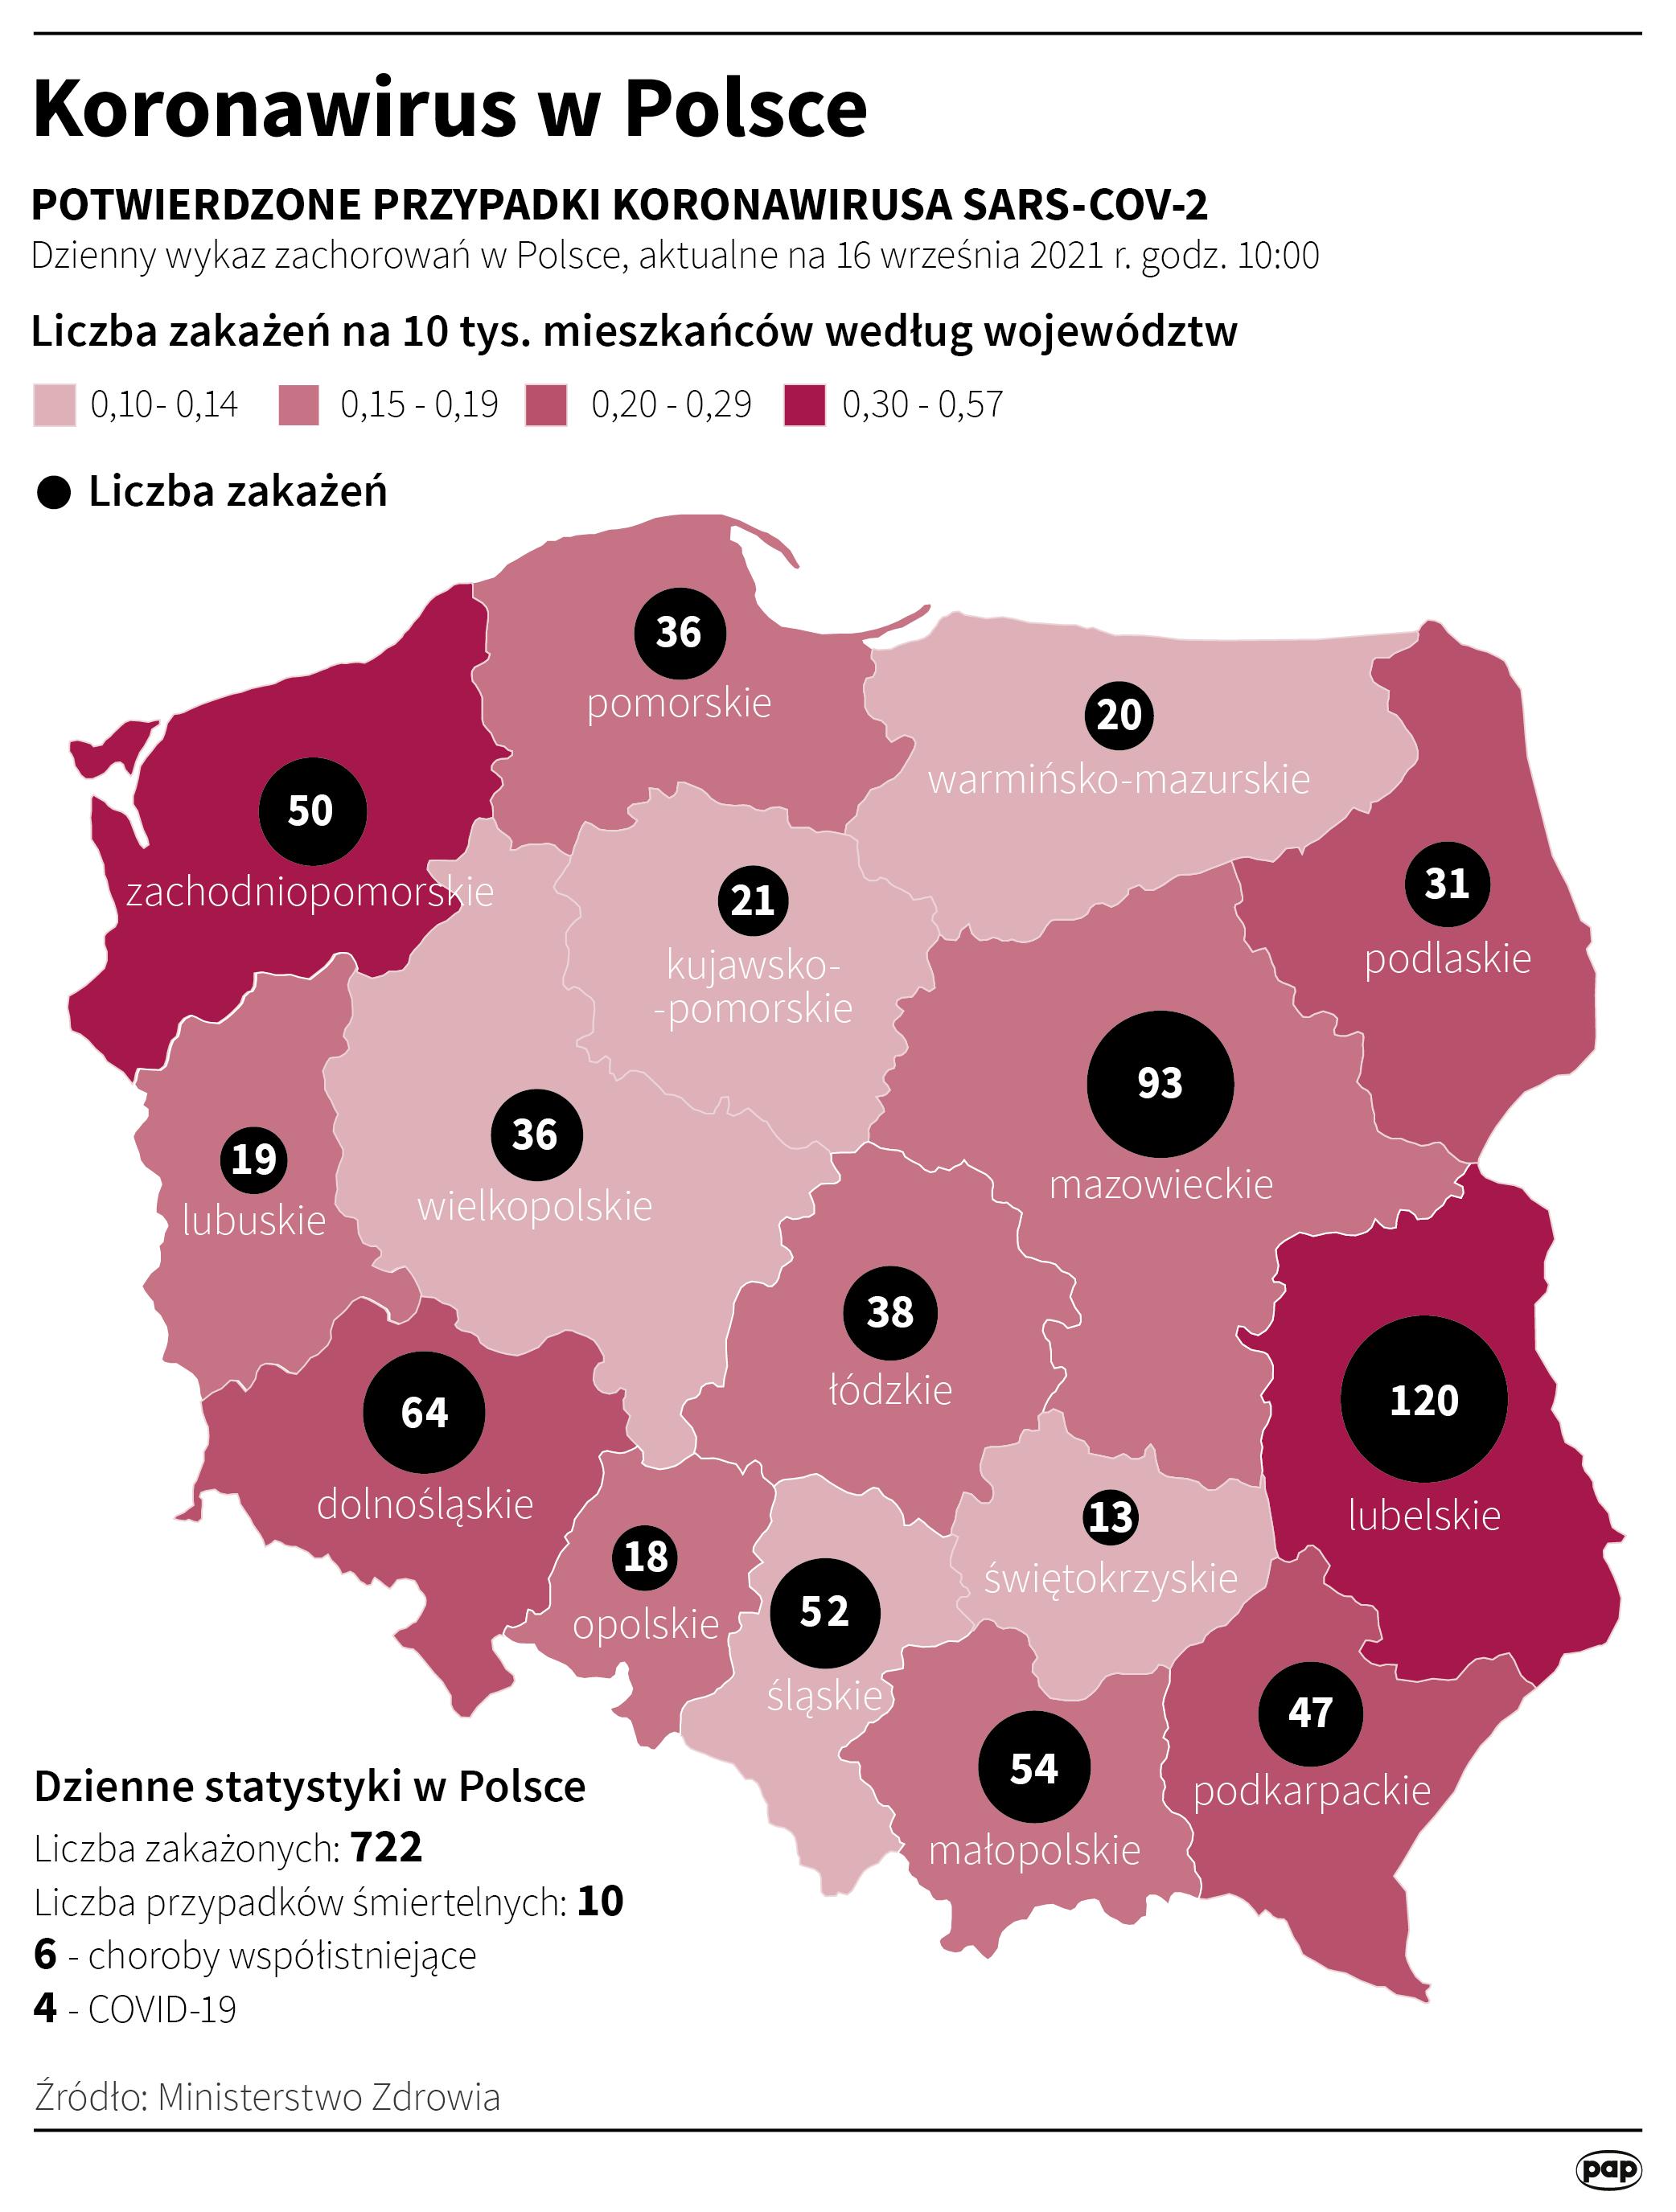 Koronawirus w Polsce - stan na 16 września [Autor: Maciej Zieliński, źródło: PAP]